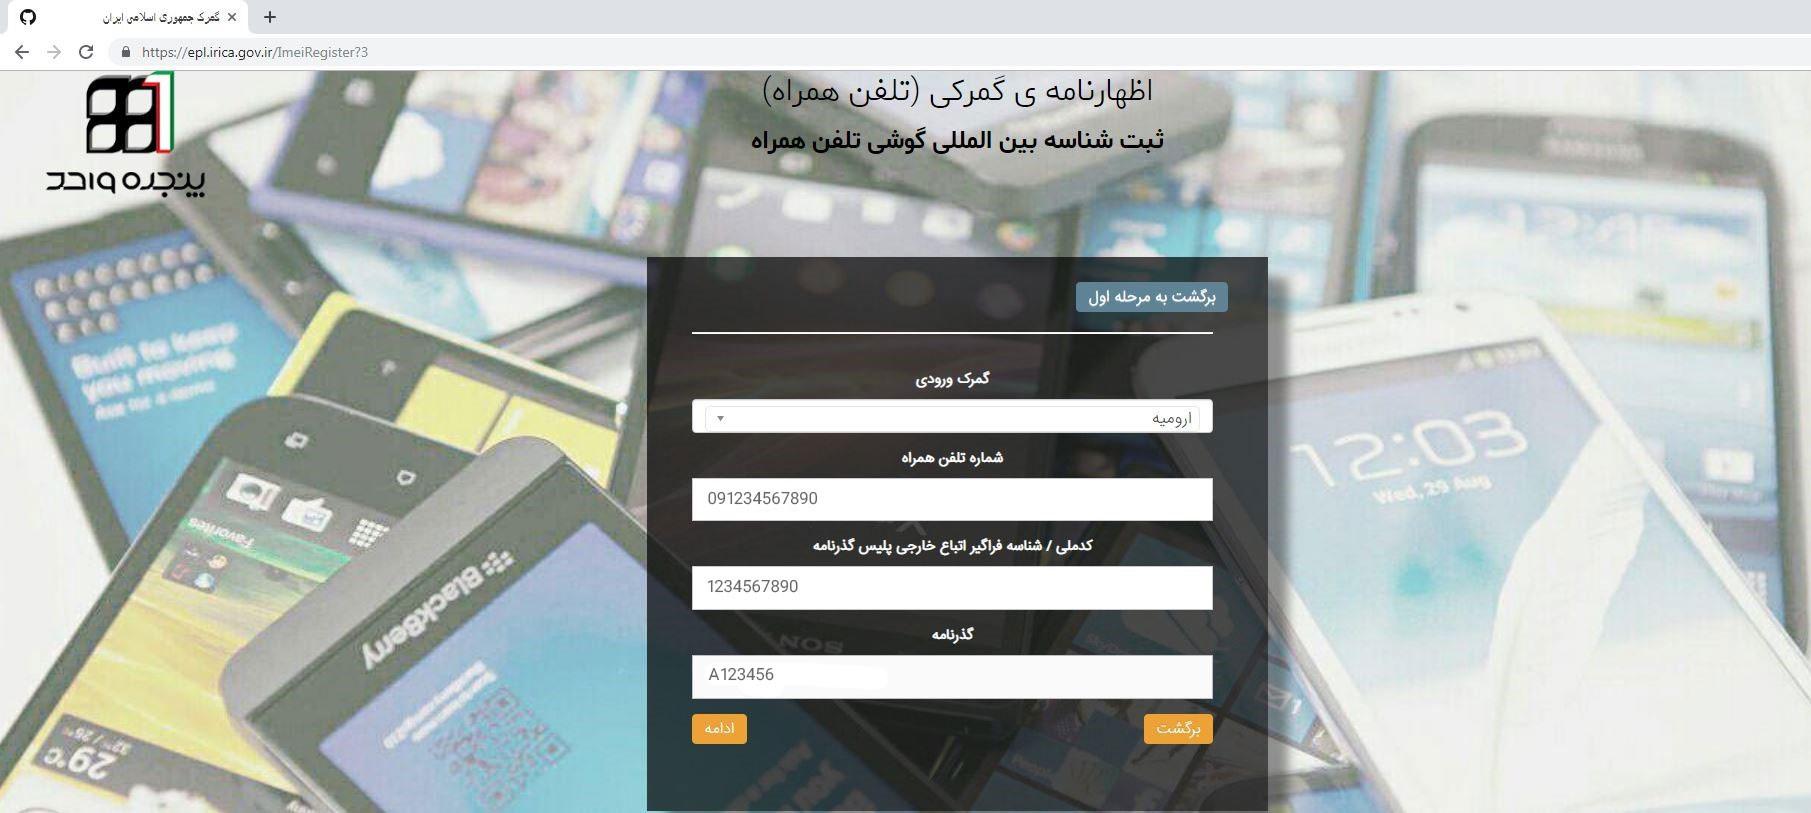 در صورتی شخص تابعیت ایرانی نداشته باشد نیز باید گزینهی مرتبط با آن را انتخاب کند.